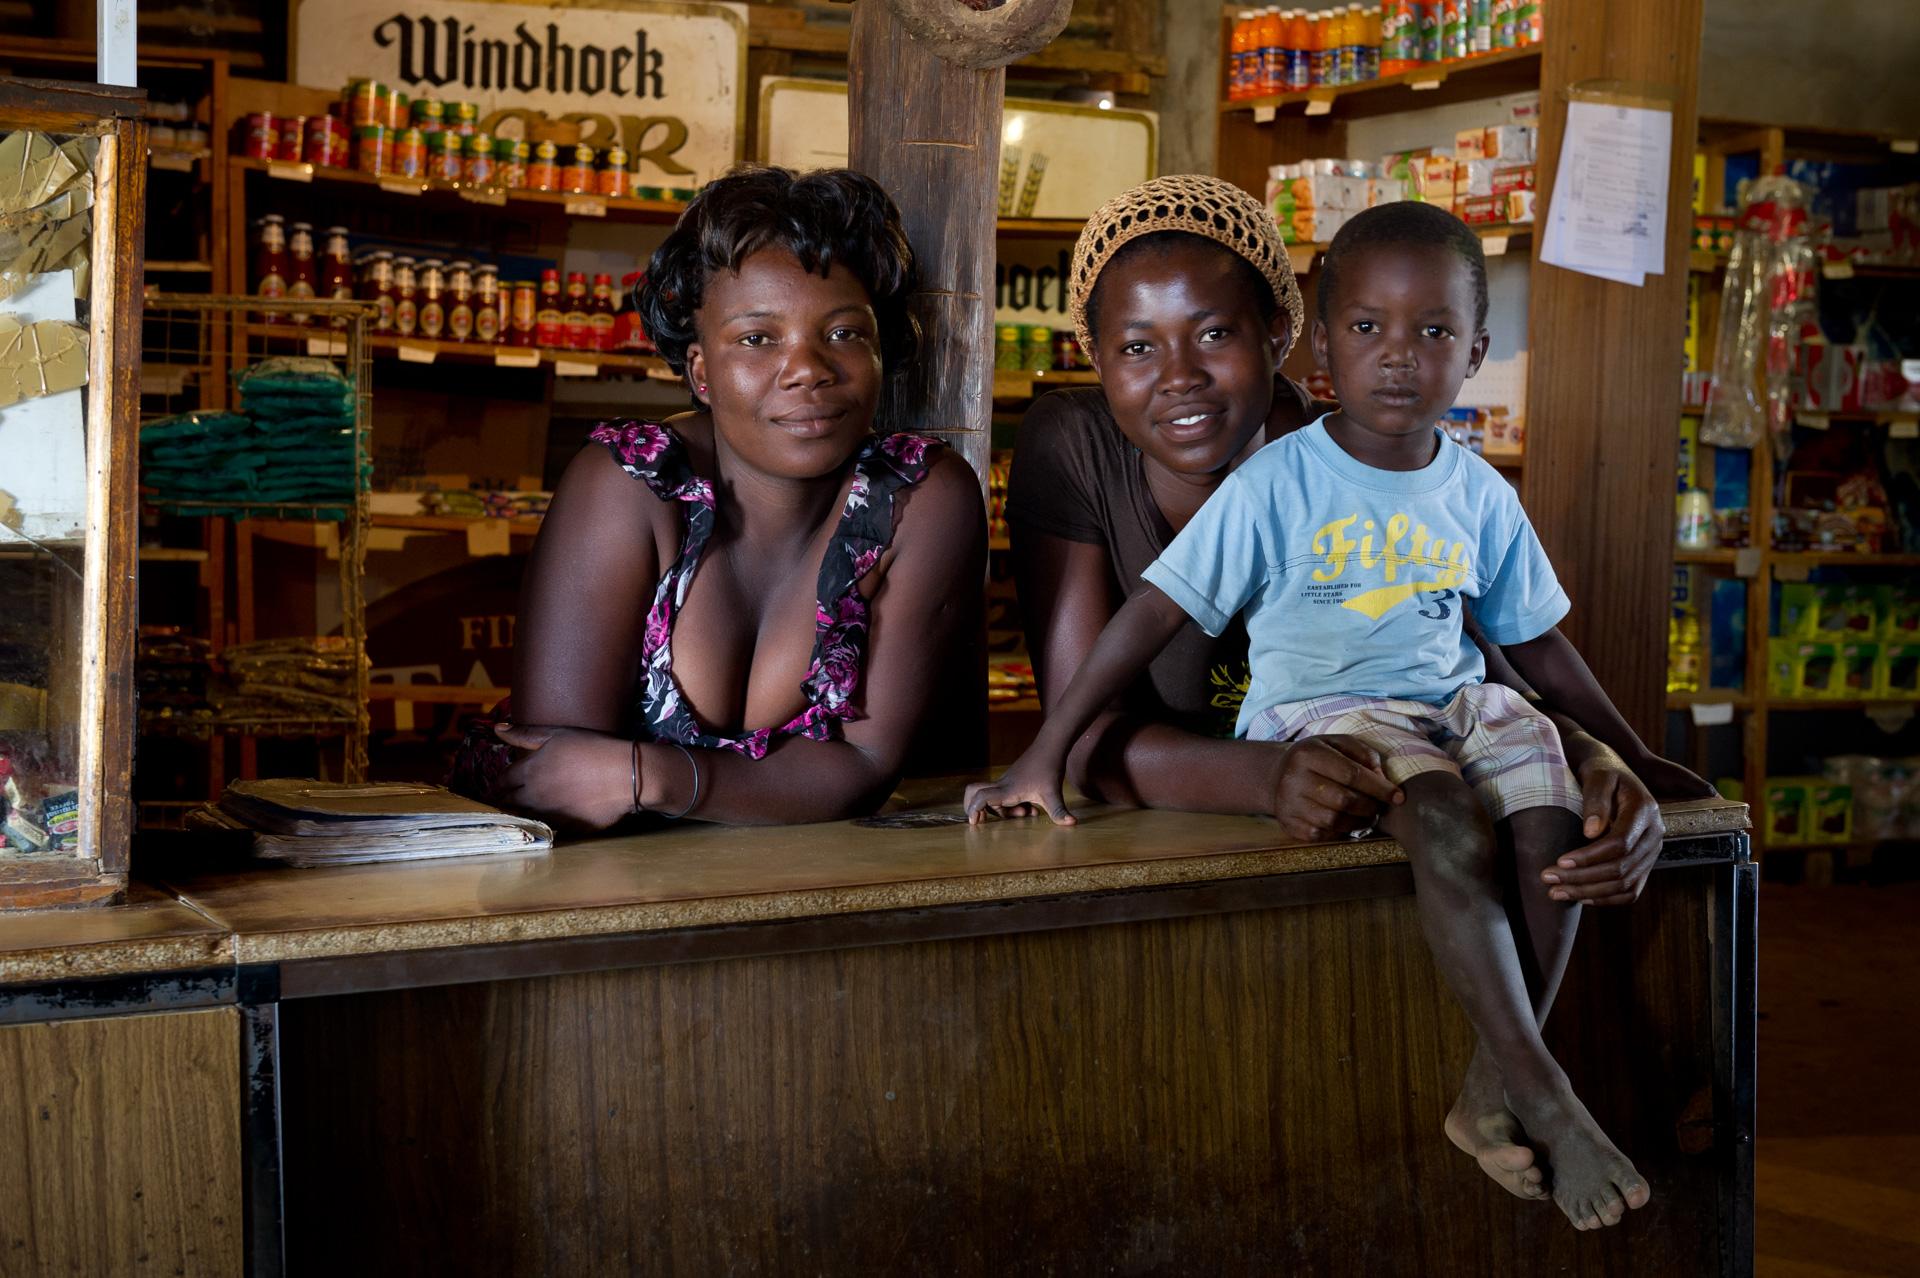 Afrika in Namibia im Damaraland bei Kunene an der C35 in dem Ort Betanie Georgetown befindet sich ein Restaurant mit Shop mit freundlichen Verkäuferinnen und Kind auf dem Tresen